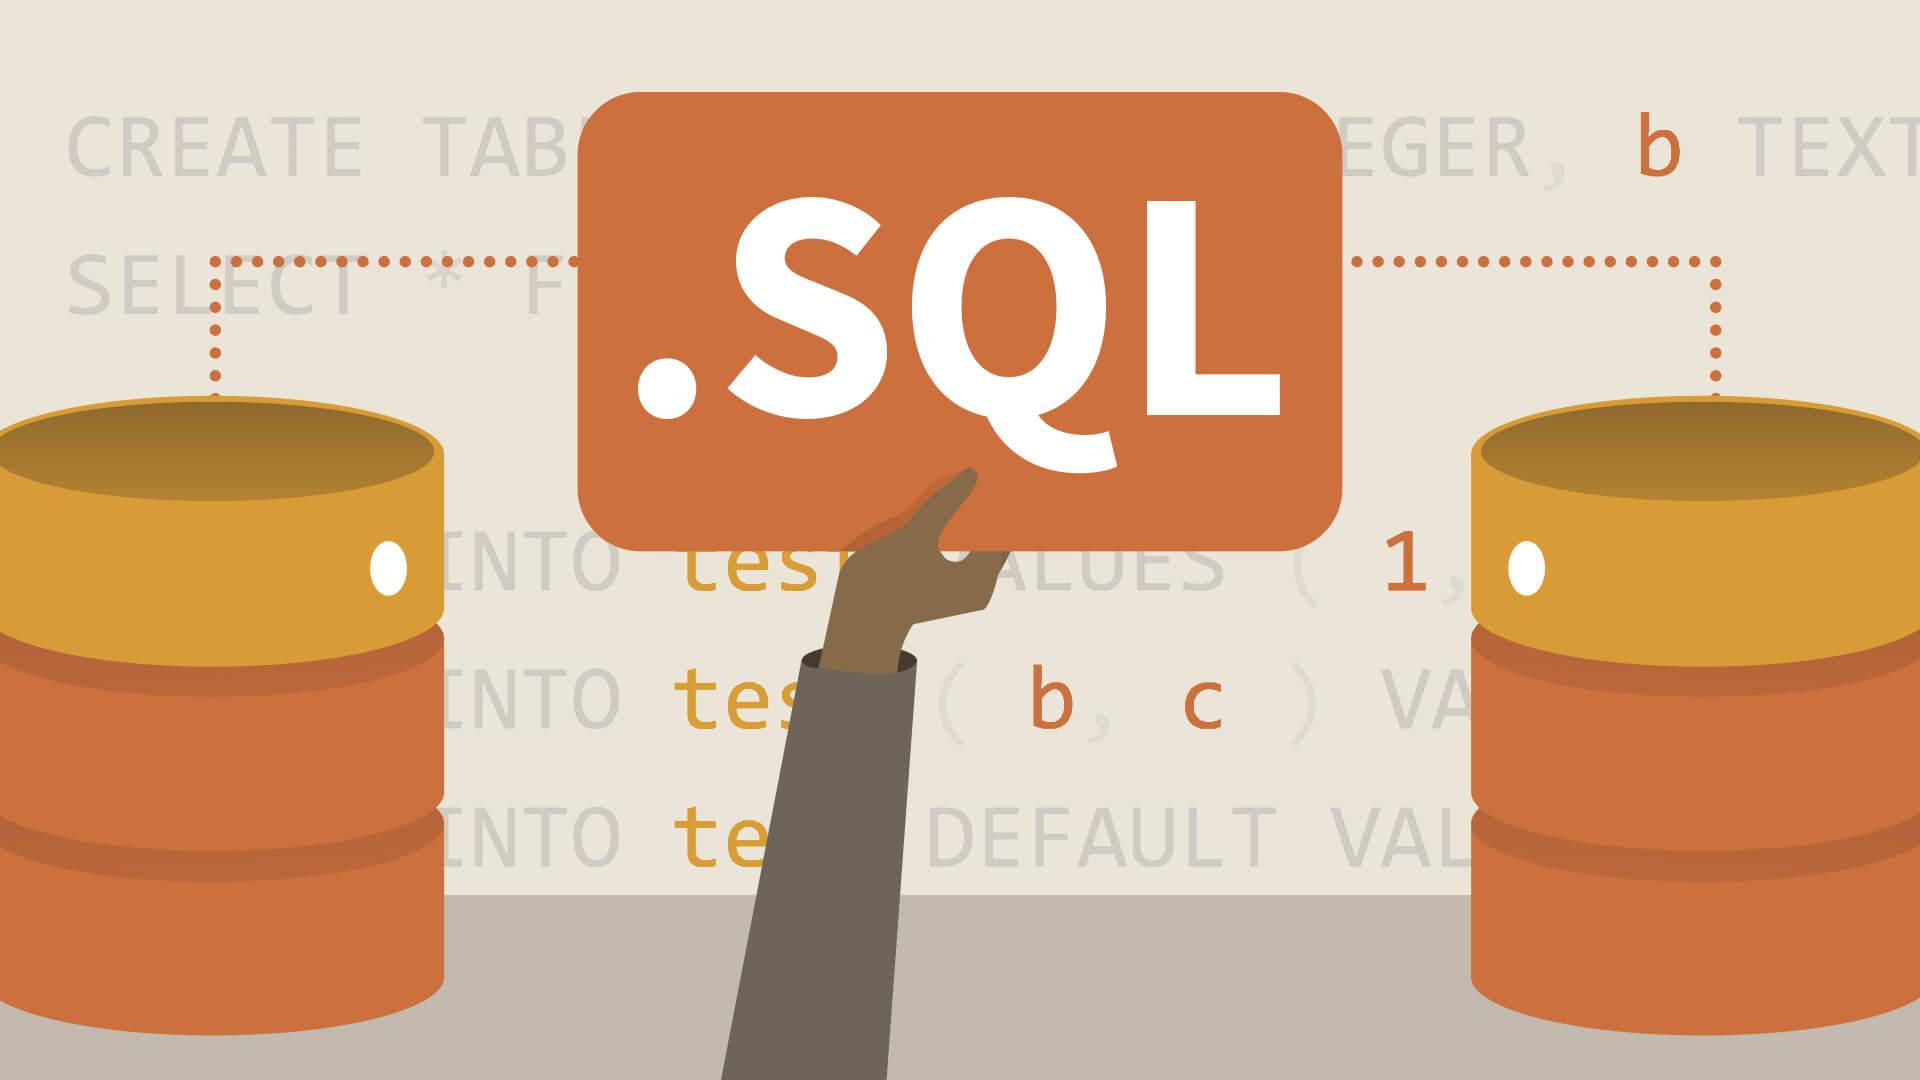 Hiểu về ngôn ngữ SQL là quan trọng với lập trình viên Android